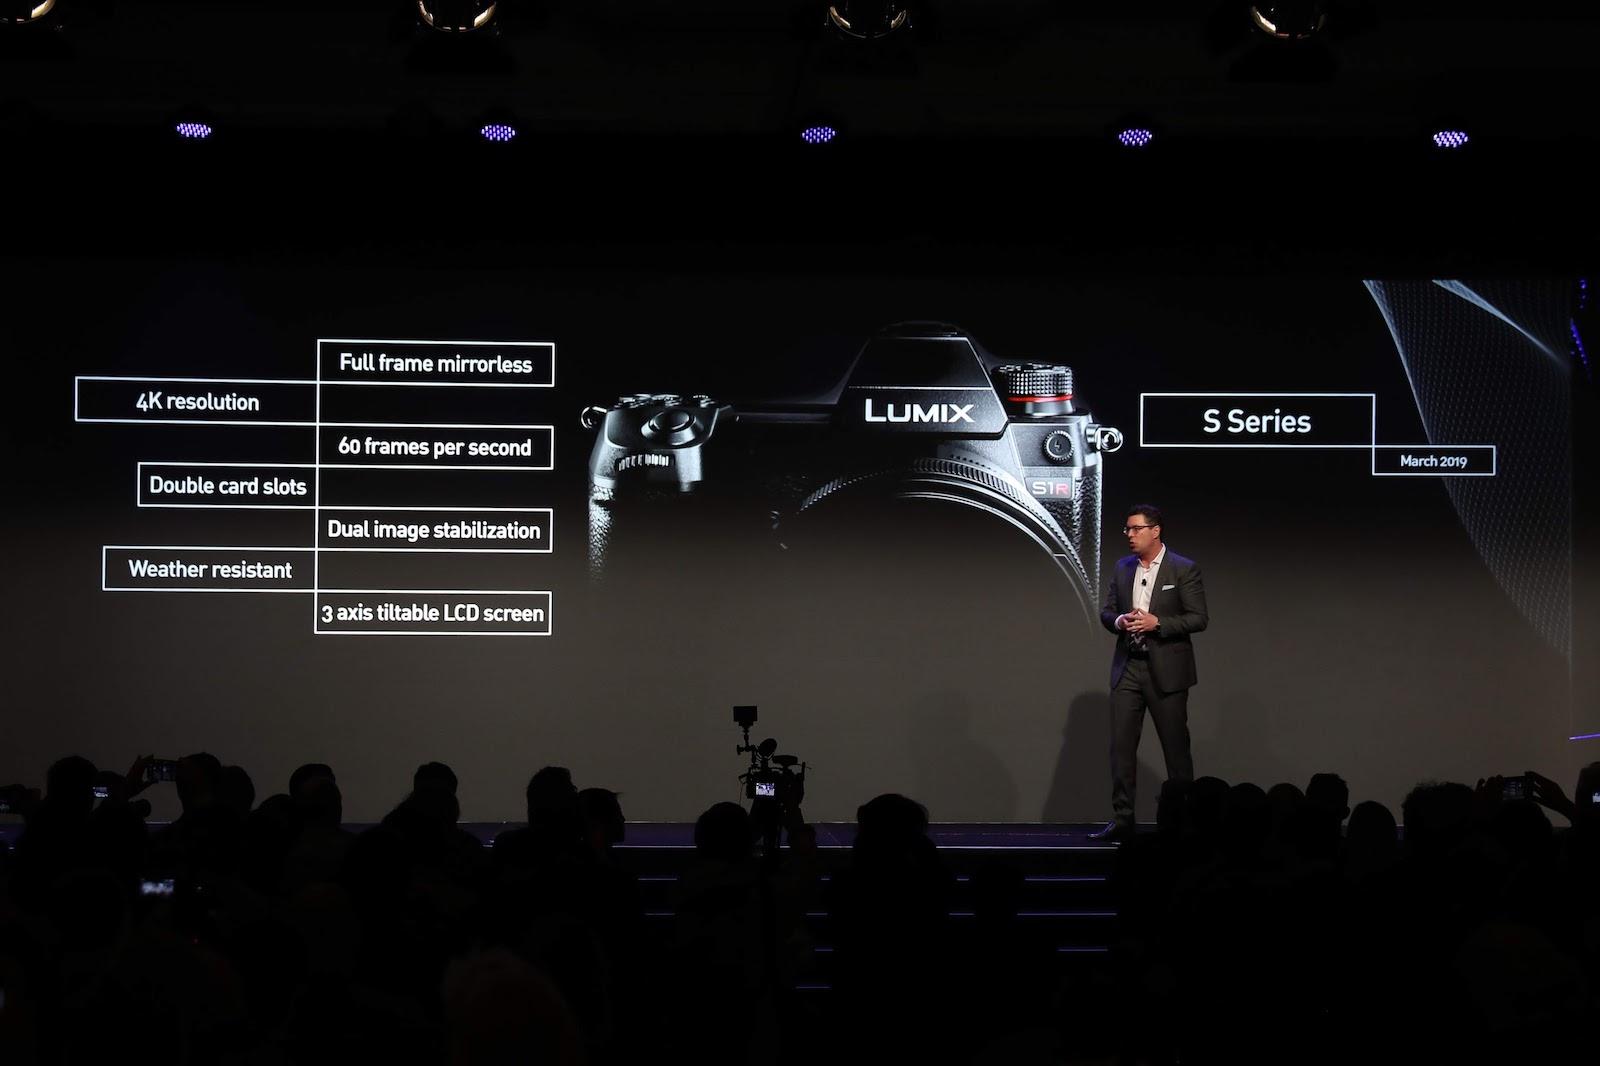 Главные характеристики Panasonic Lumix S на презентации